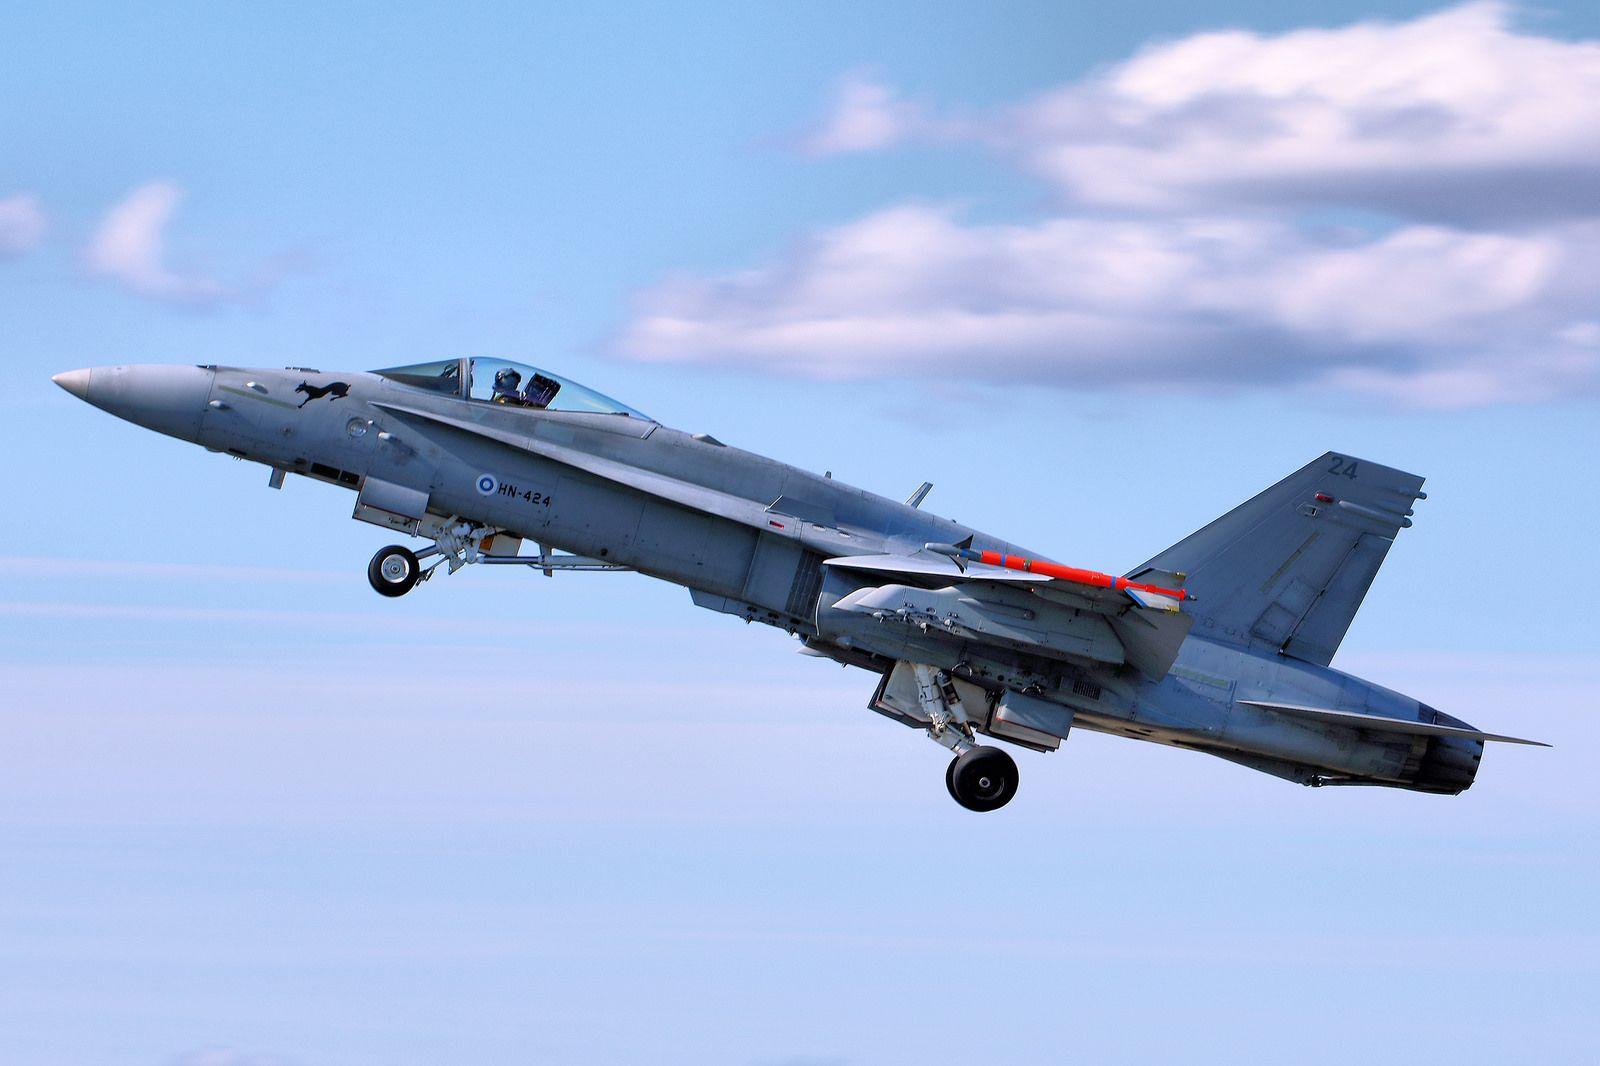 F/A-18 Hornet - RIAT 2015